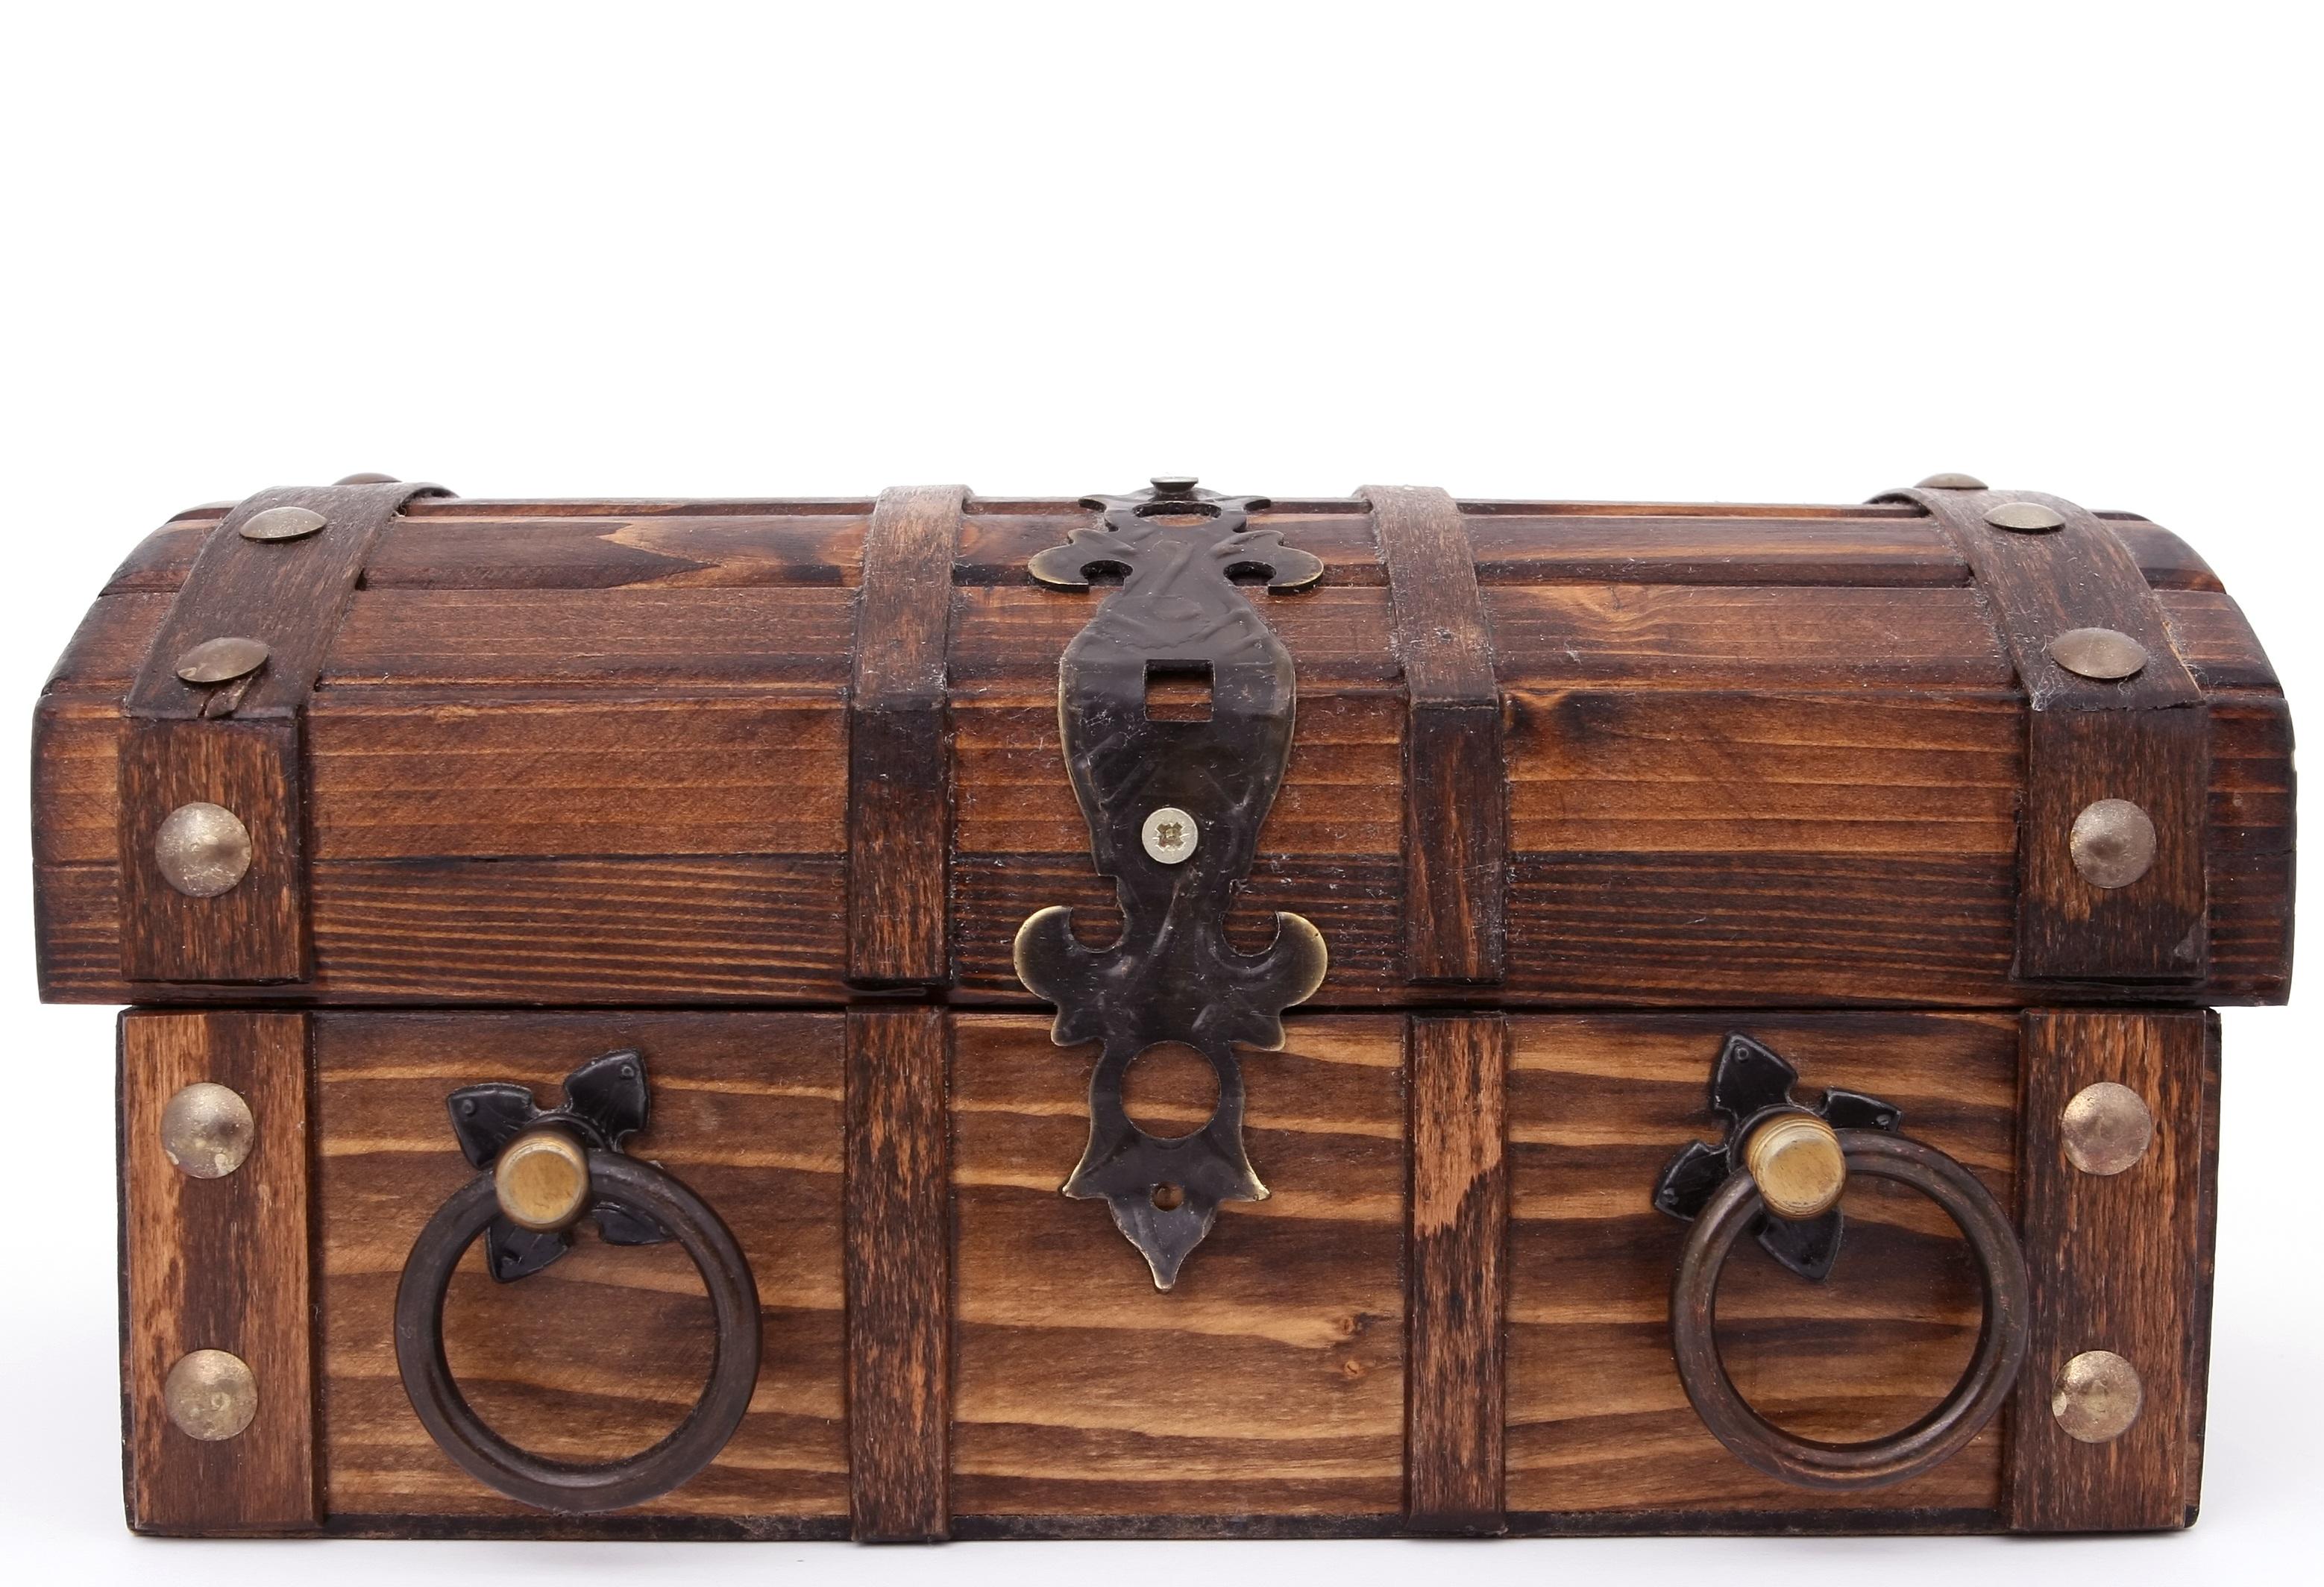 Kostenlose Foto Holz Weiss Leder Kofferraum Isoliert Geschaft